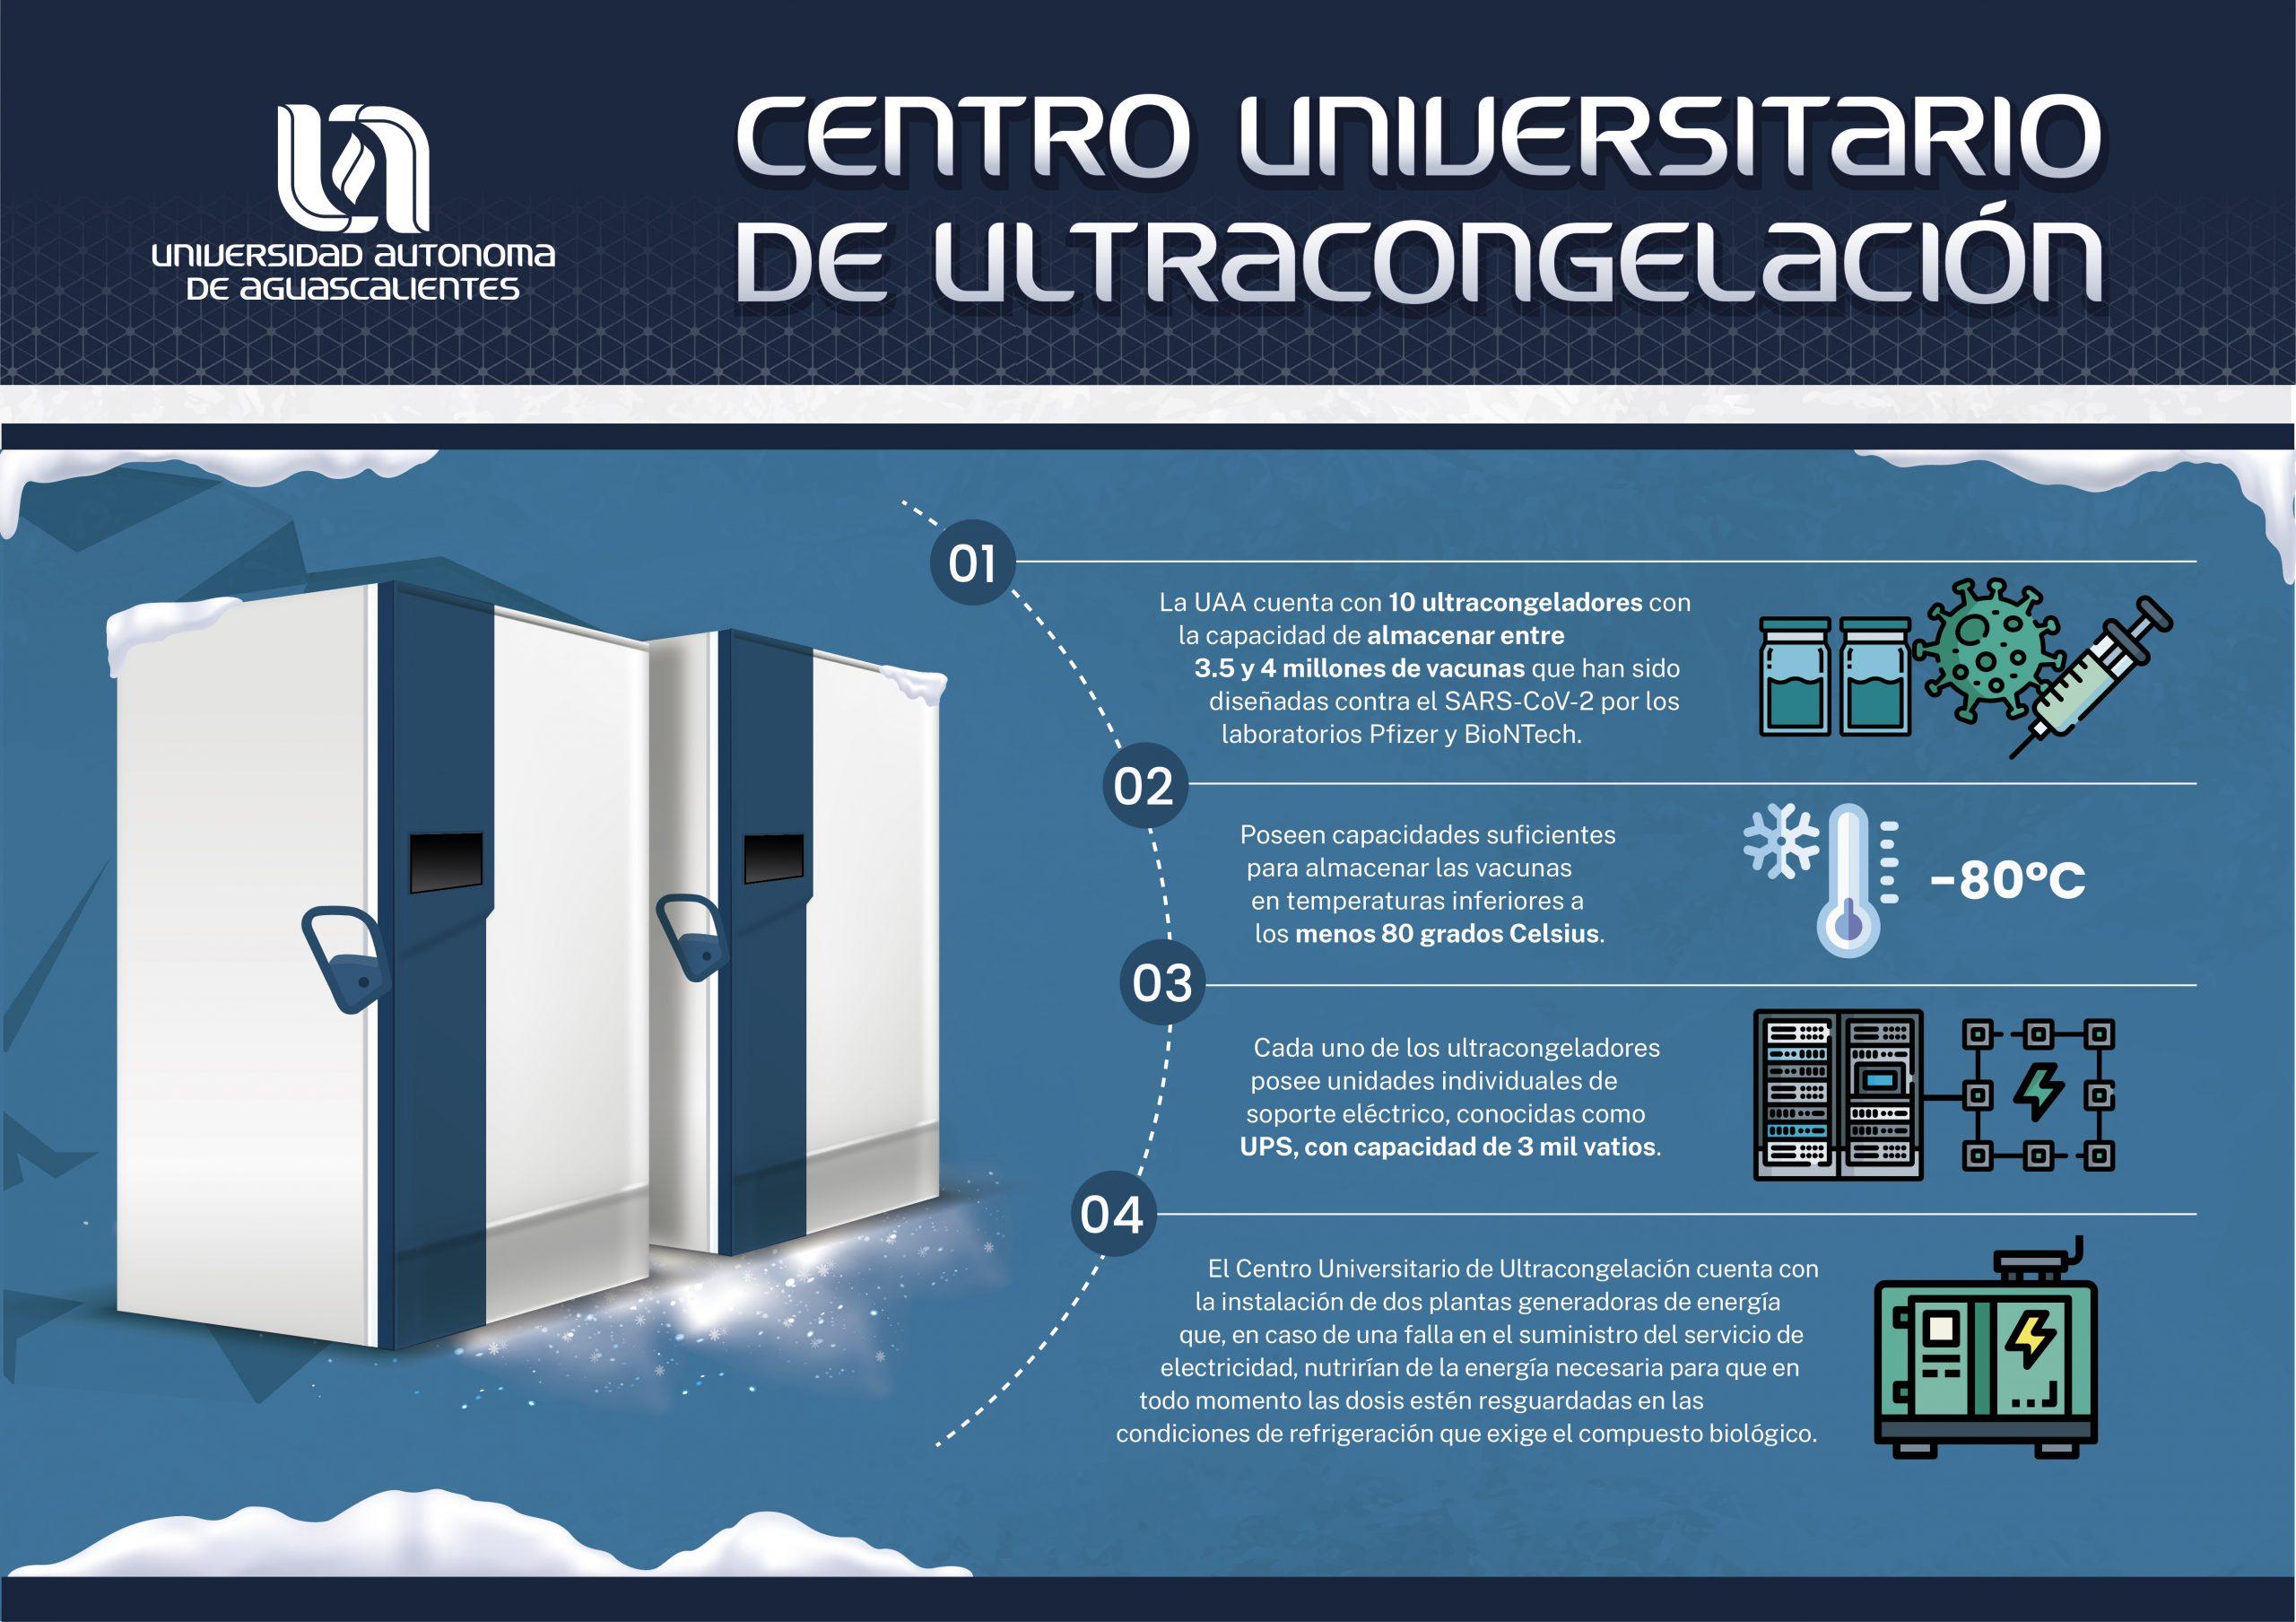 Centro Universitario de Ultracongelación